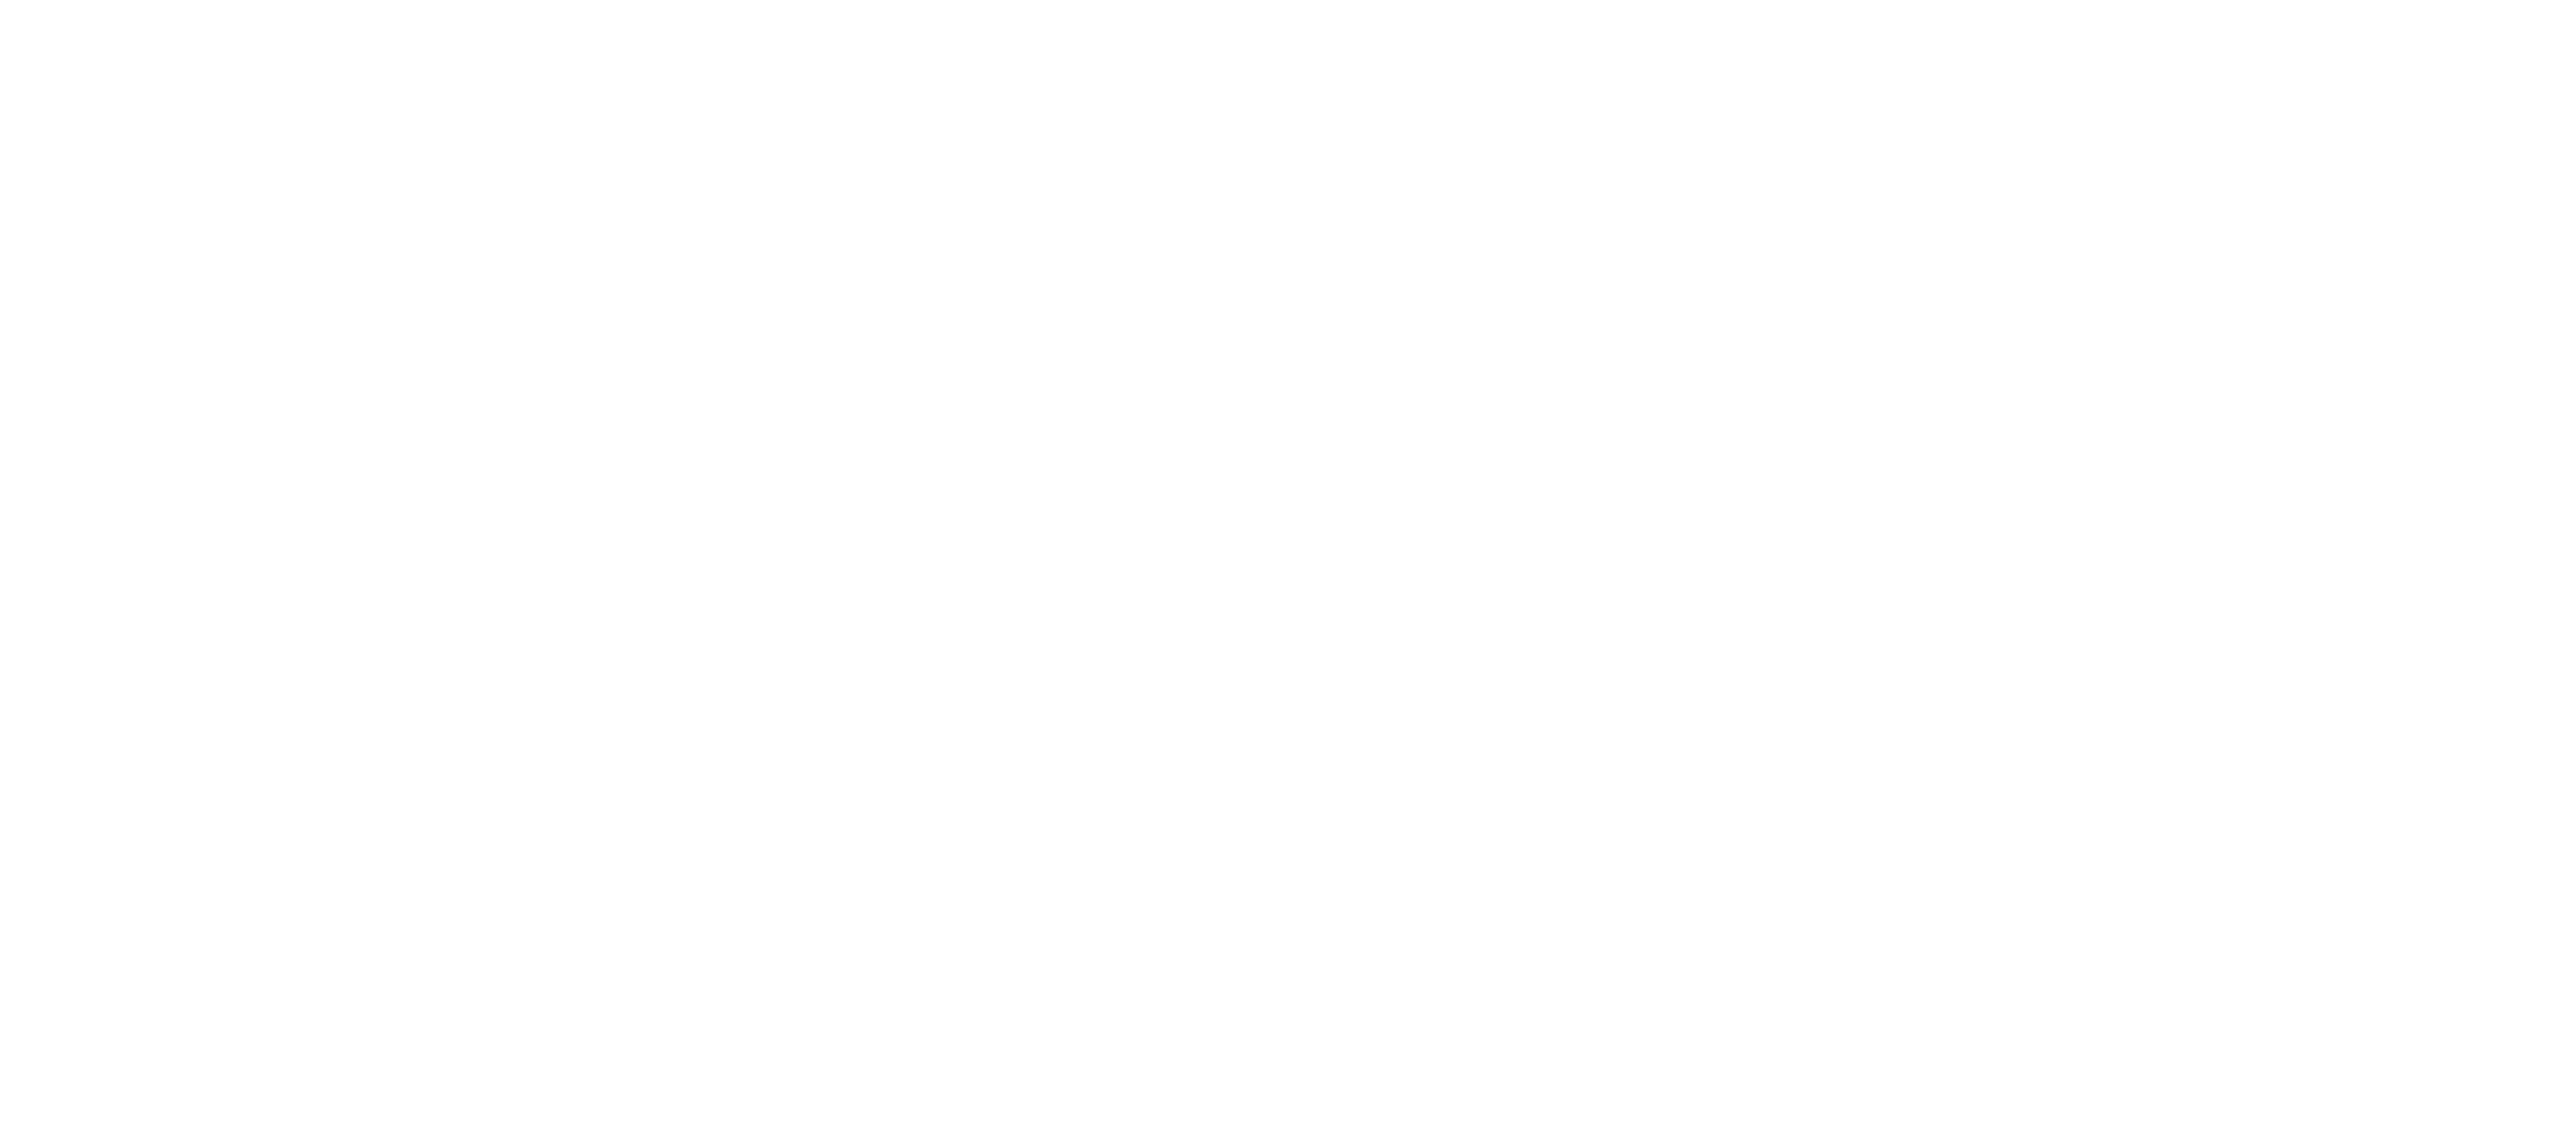 Logo Upya white